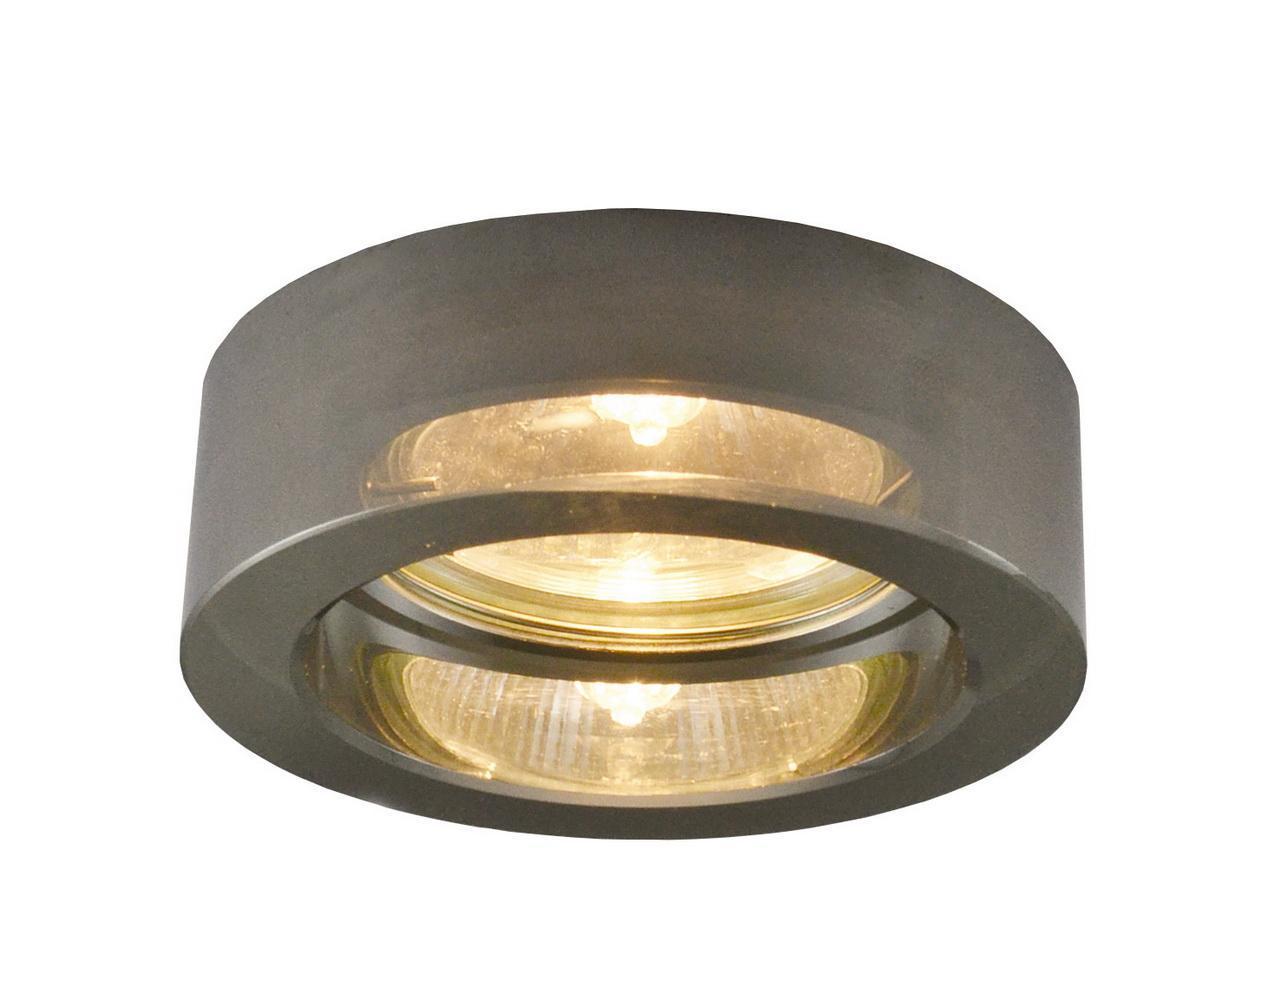 Встраиваемый светильник Arte Lamp Wagner A5223PL-1CC arte lamp встраиваемый светильник arte wagner a5221pl 1cc